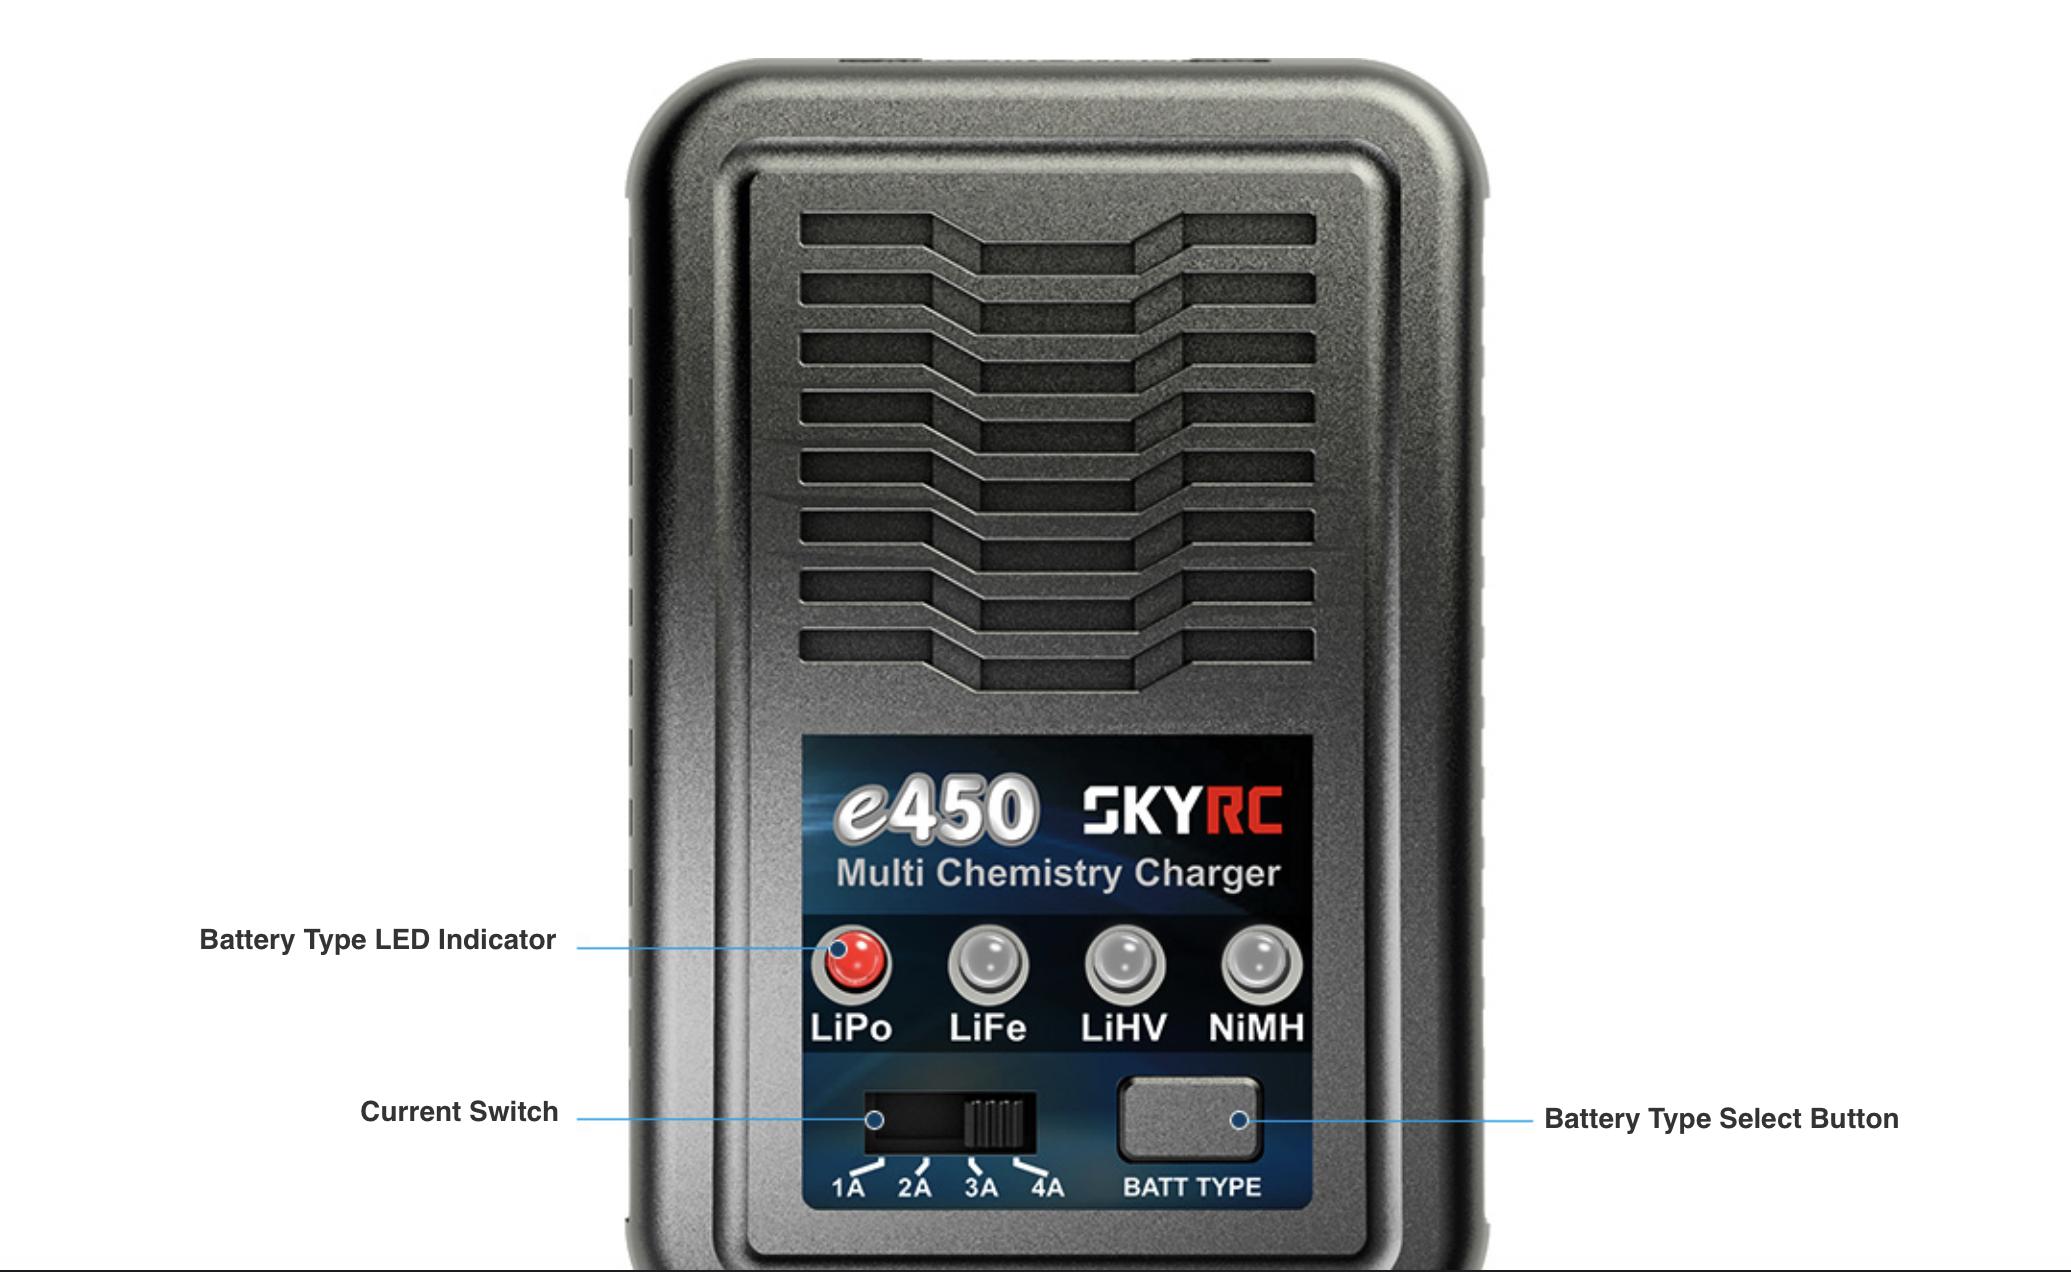 SkyRC e450 Buttons